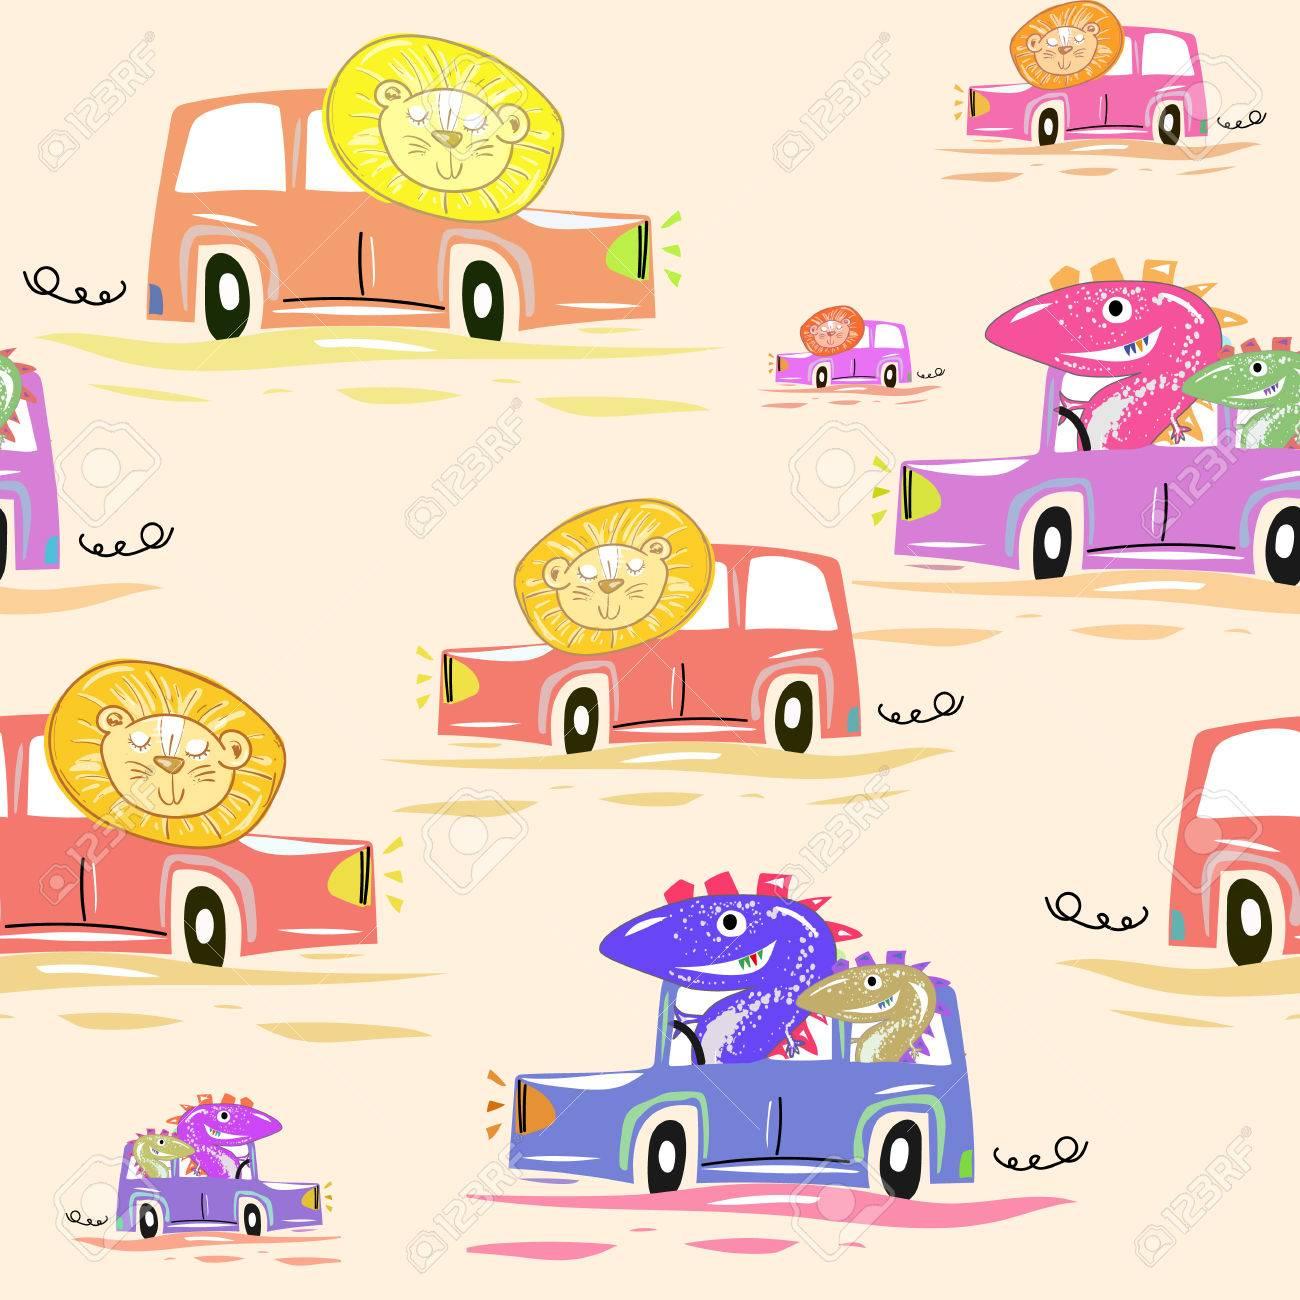 かわいい車のシームレスなパターン。面白いライオンや恐竜ドライブ車子供